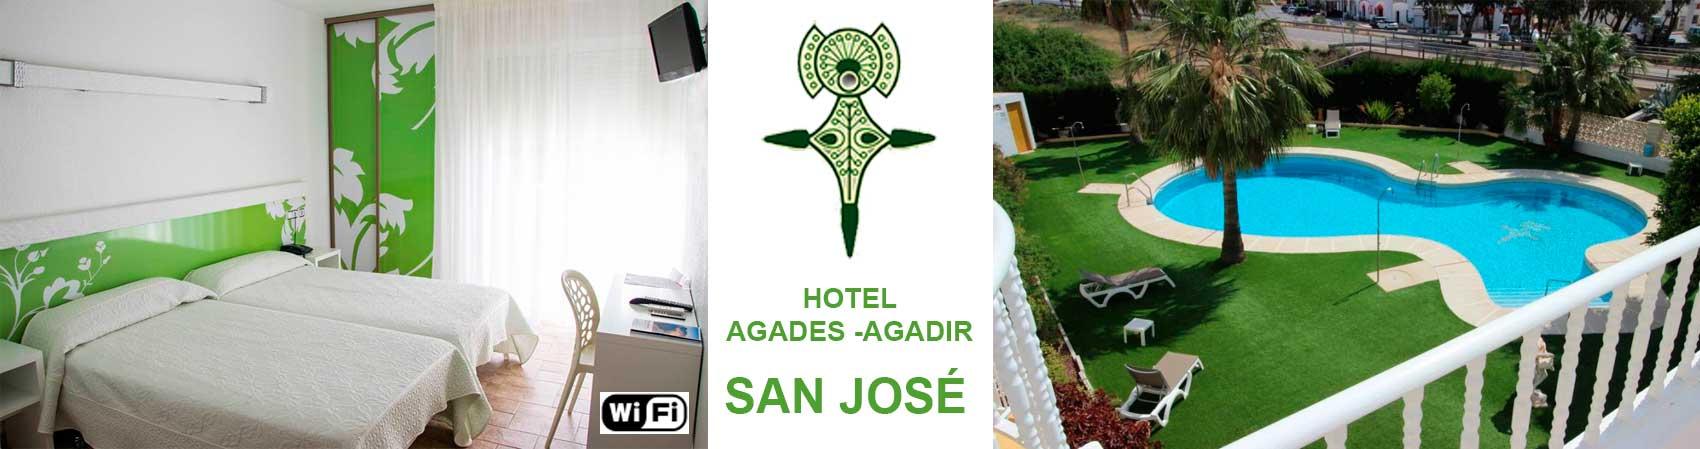 Hotel Agades en Cabo de Gata Almeria